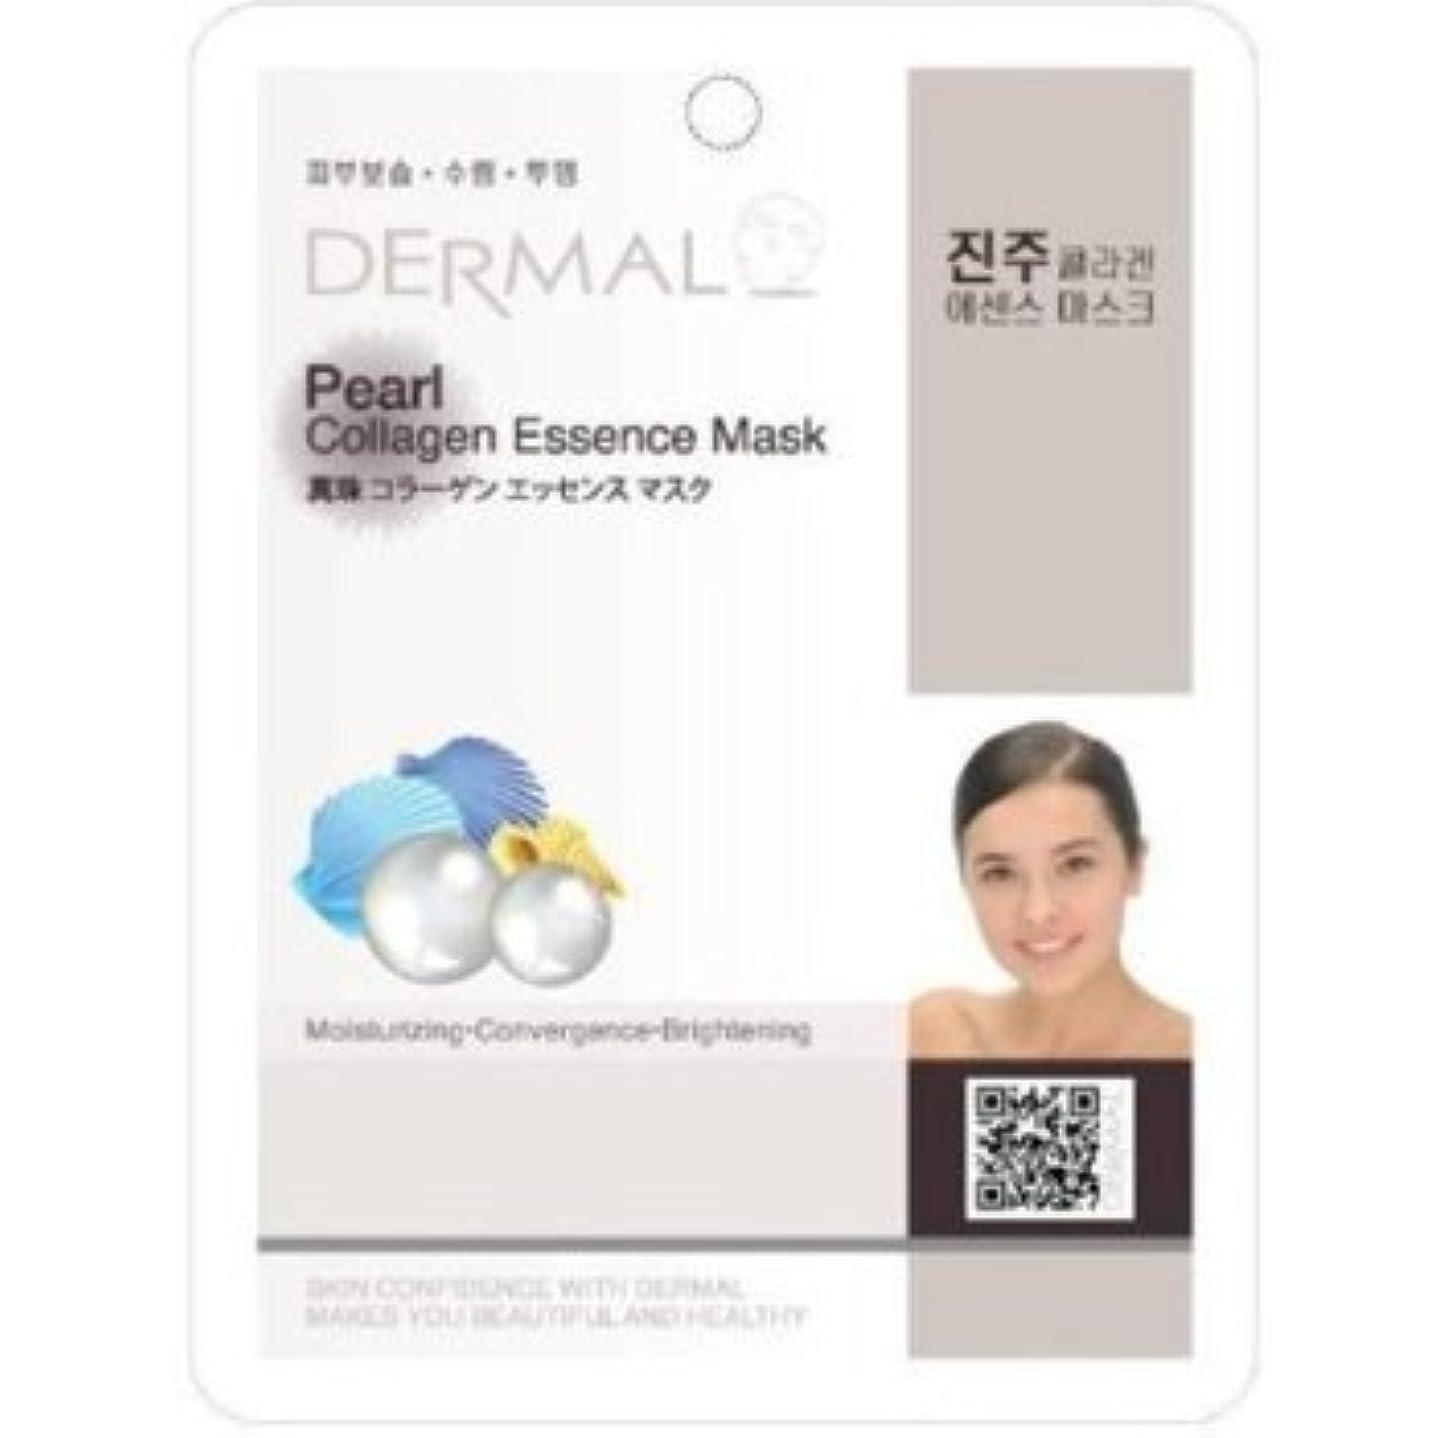 支払い退屈時々Dermal Korea Collagen Essence Full Face Facial Mask Sheet - Pearl (100 pcs, 1box)